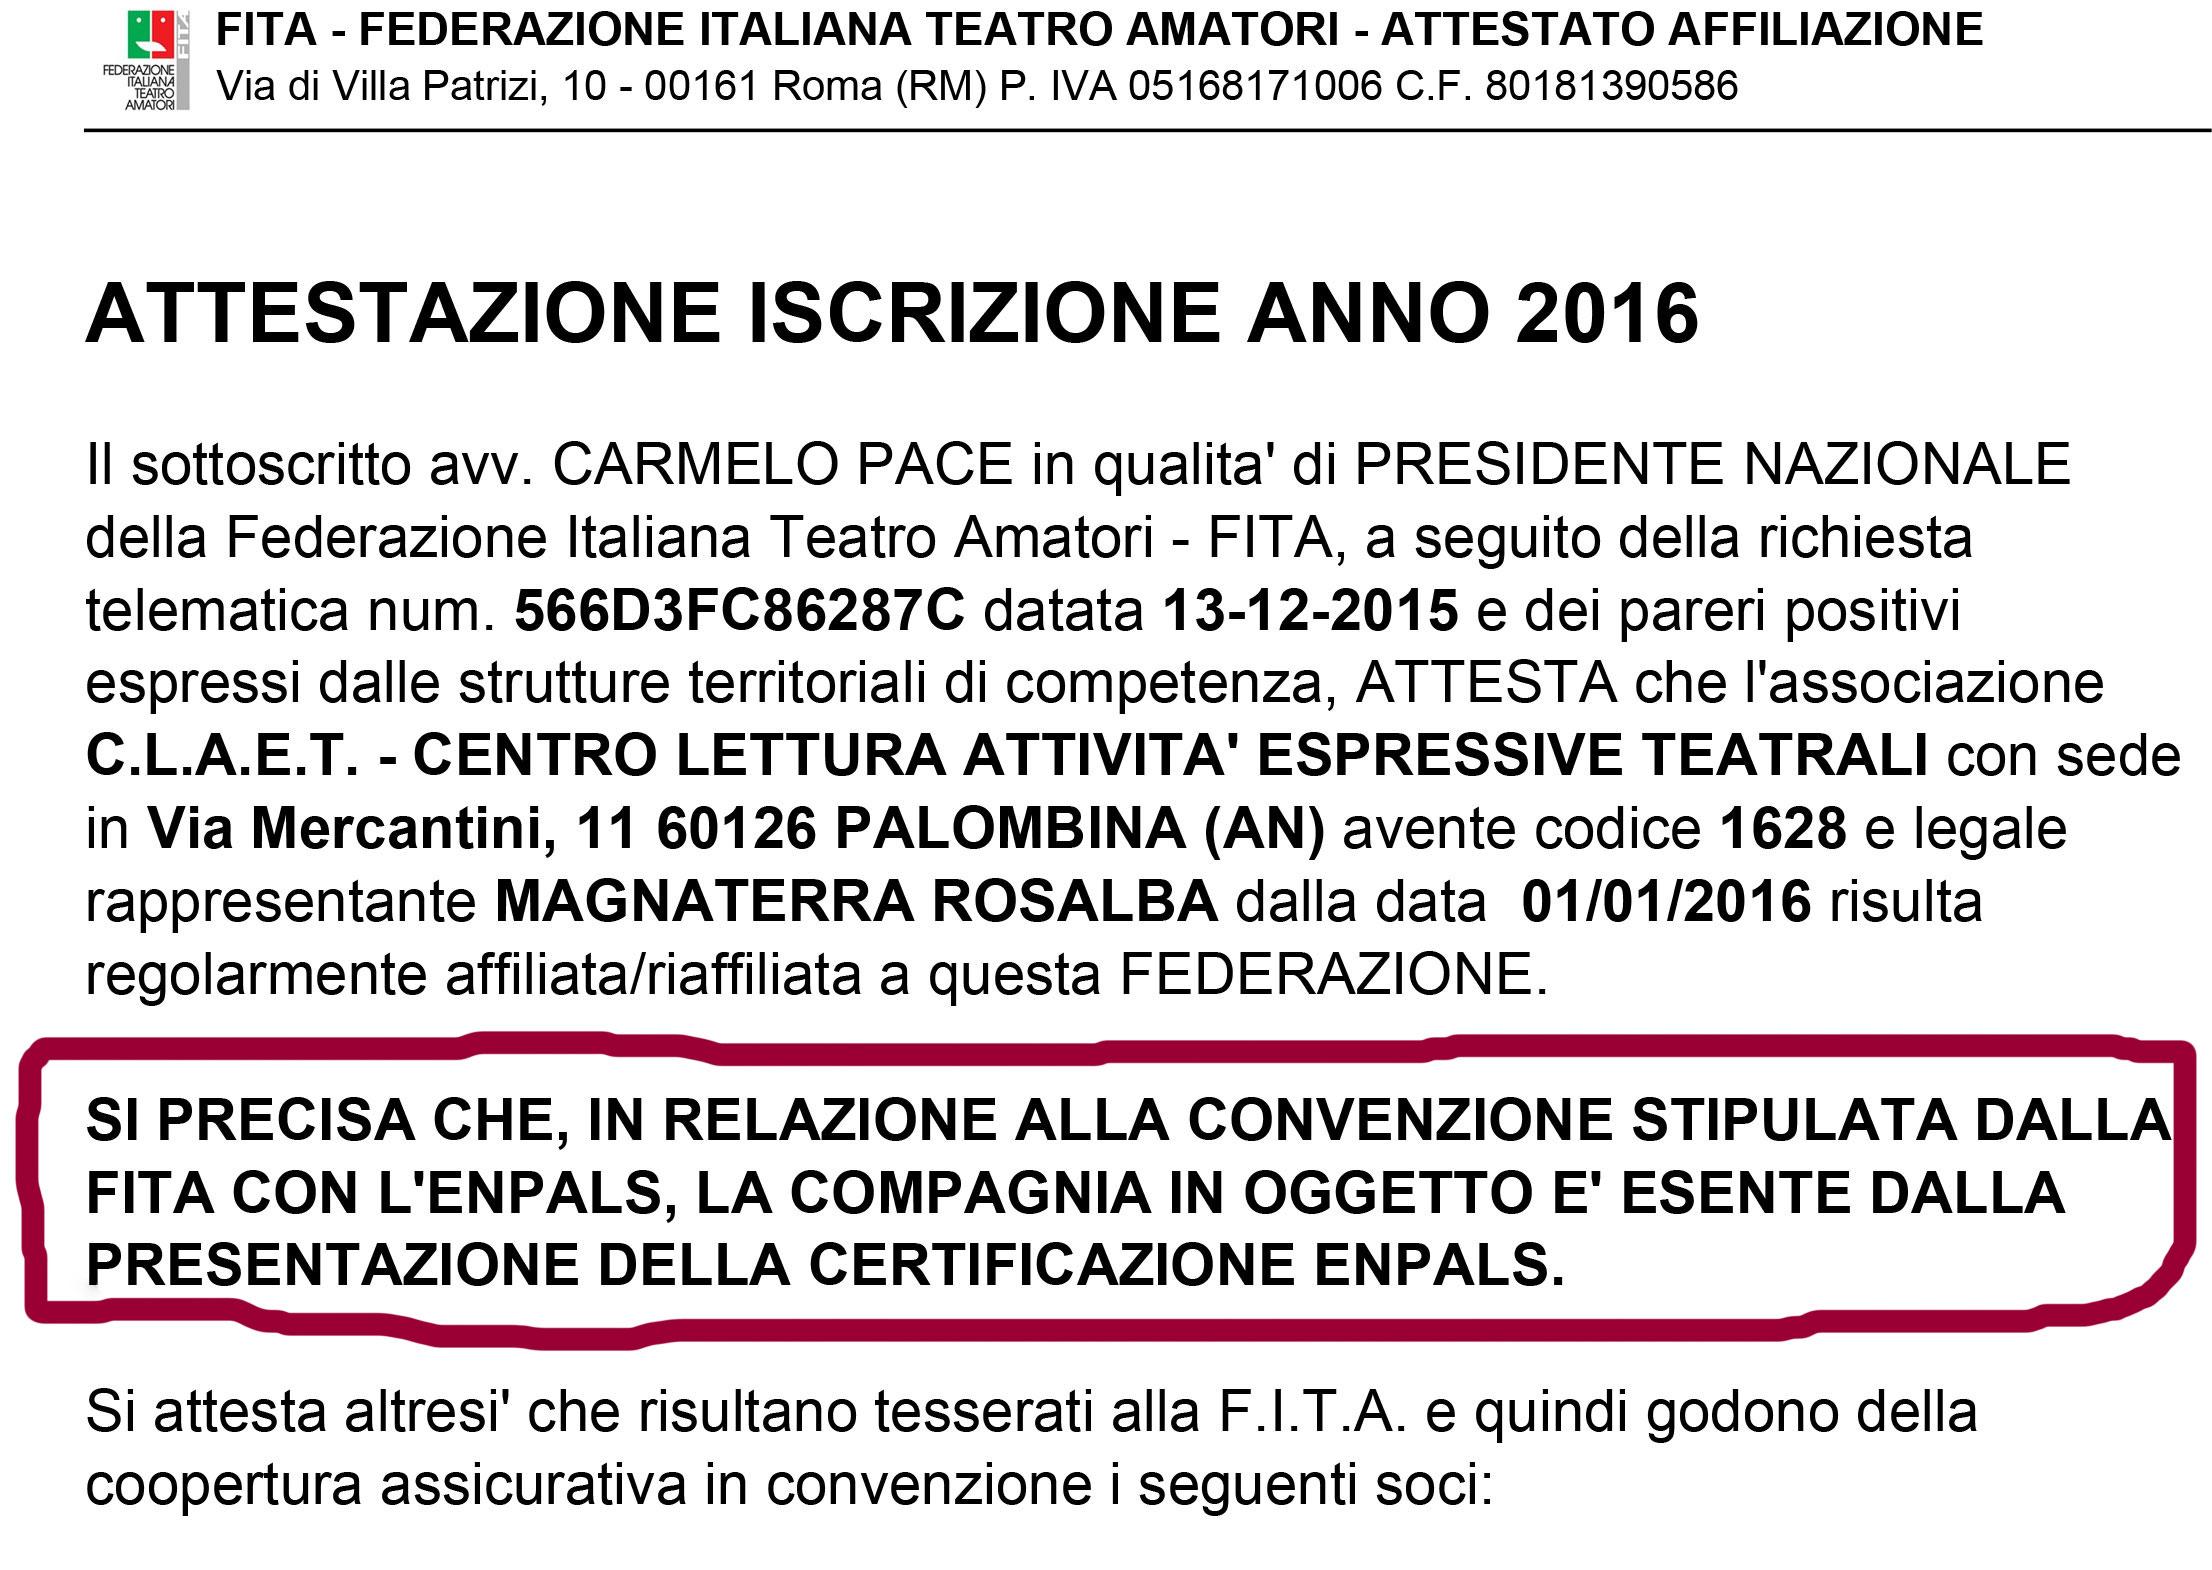 affiliazione-fita-2016-1